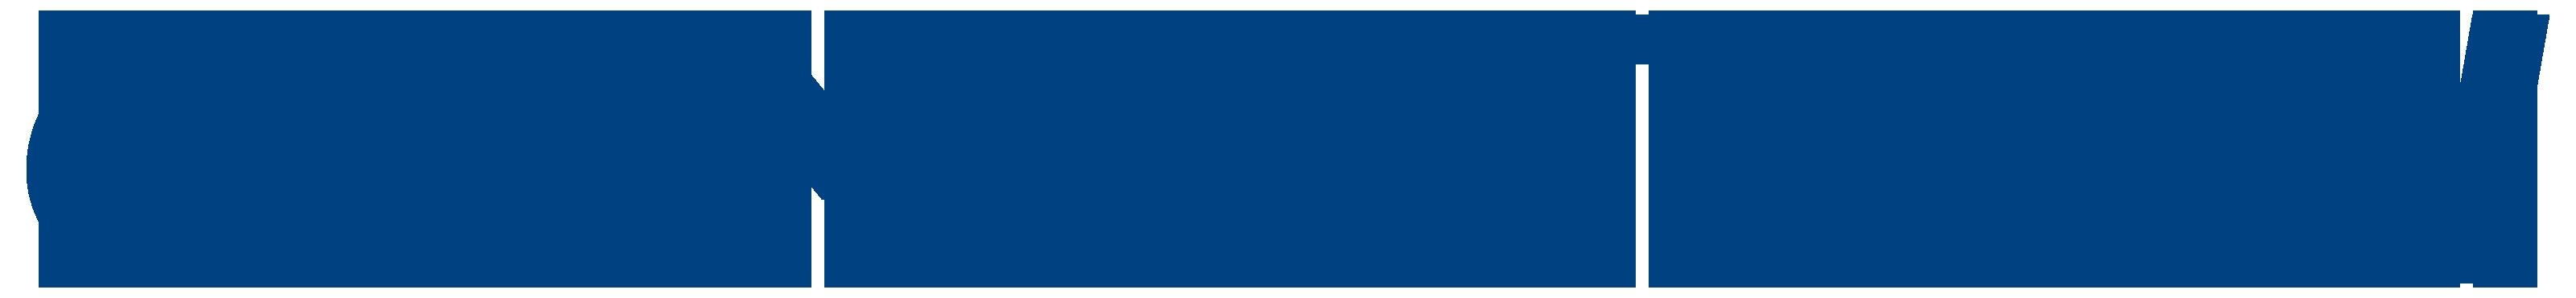 Systemutvecklare – Molnbaserade lösningar logotyp